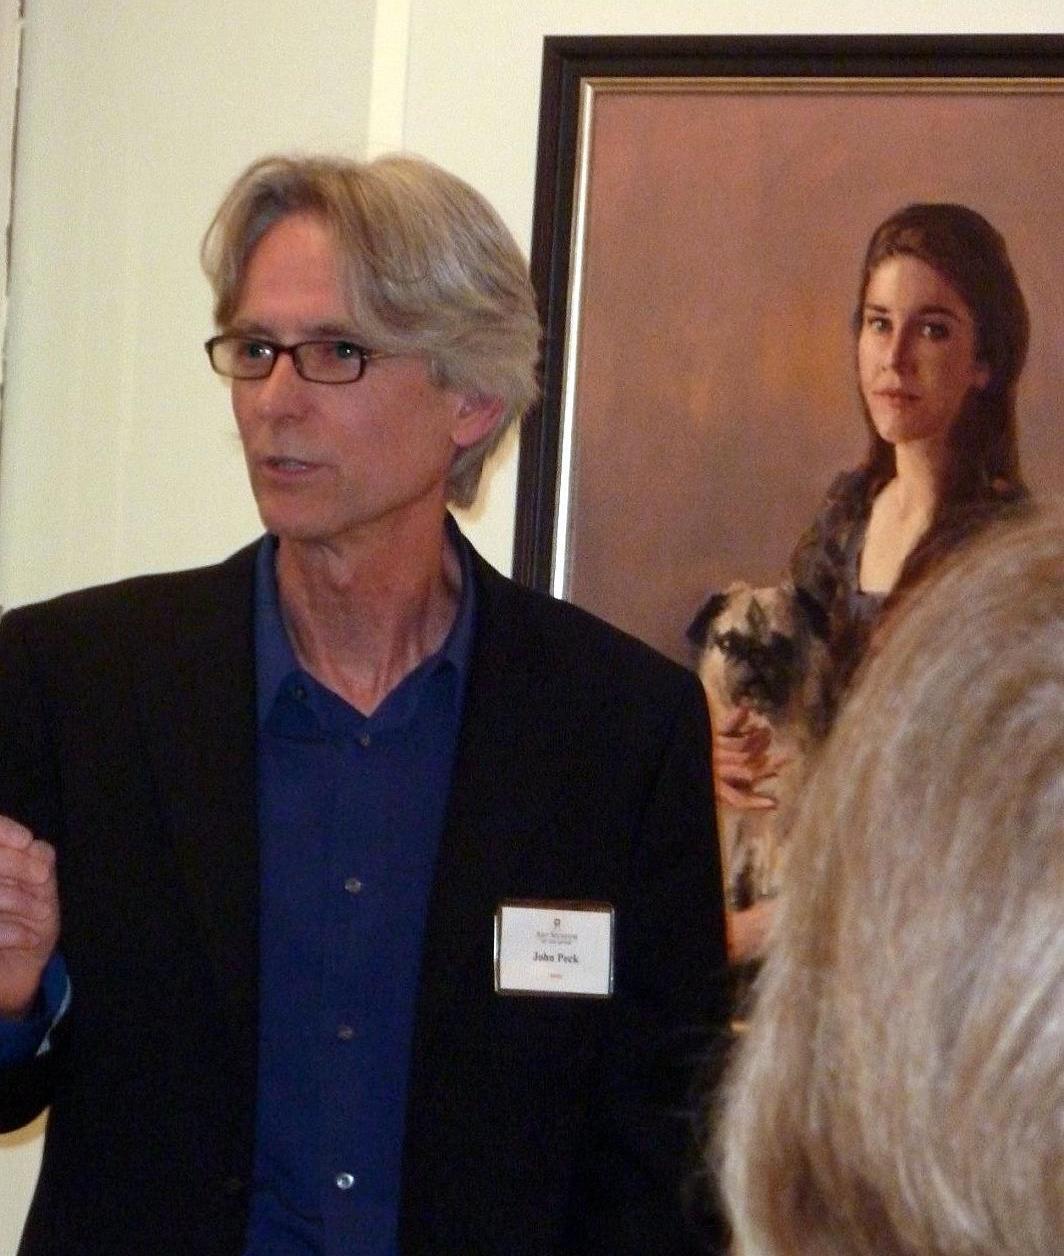 John lecturing